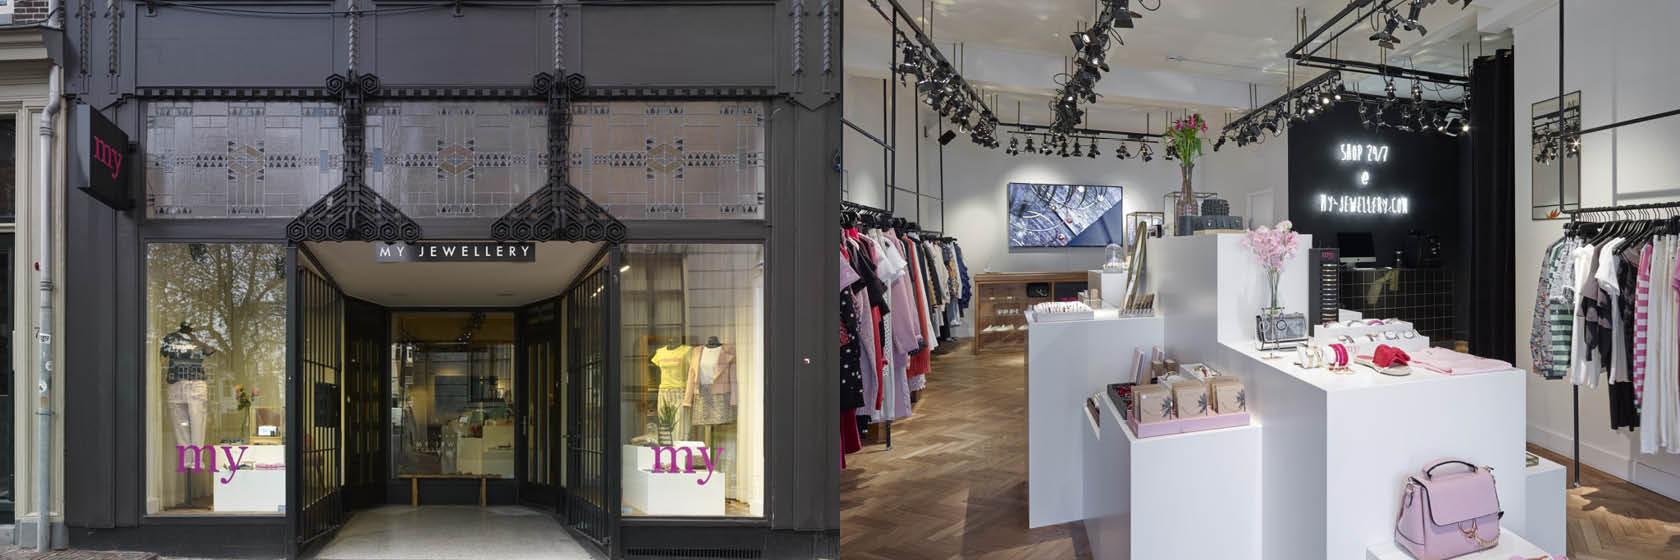 My Jewellery boutique Utrecht